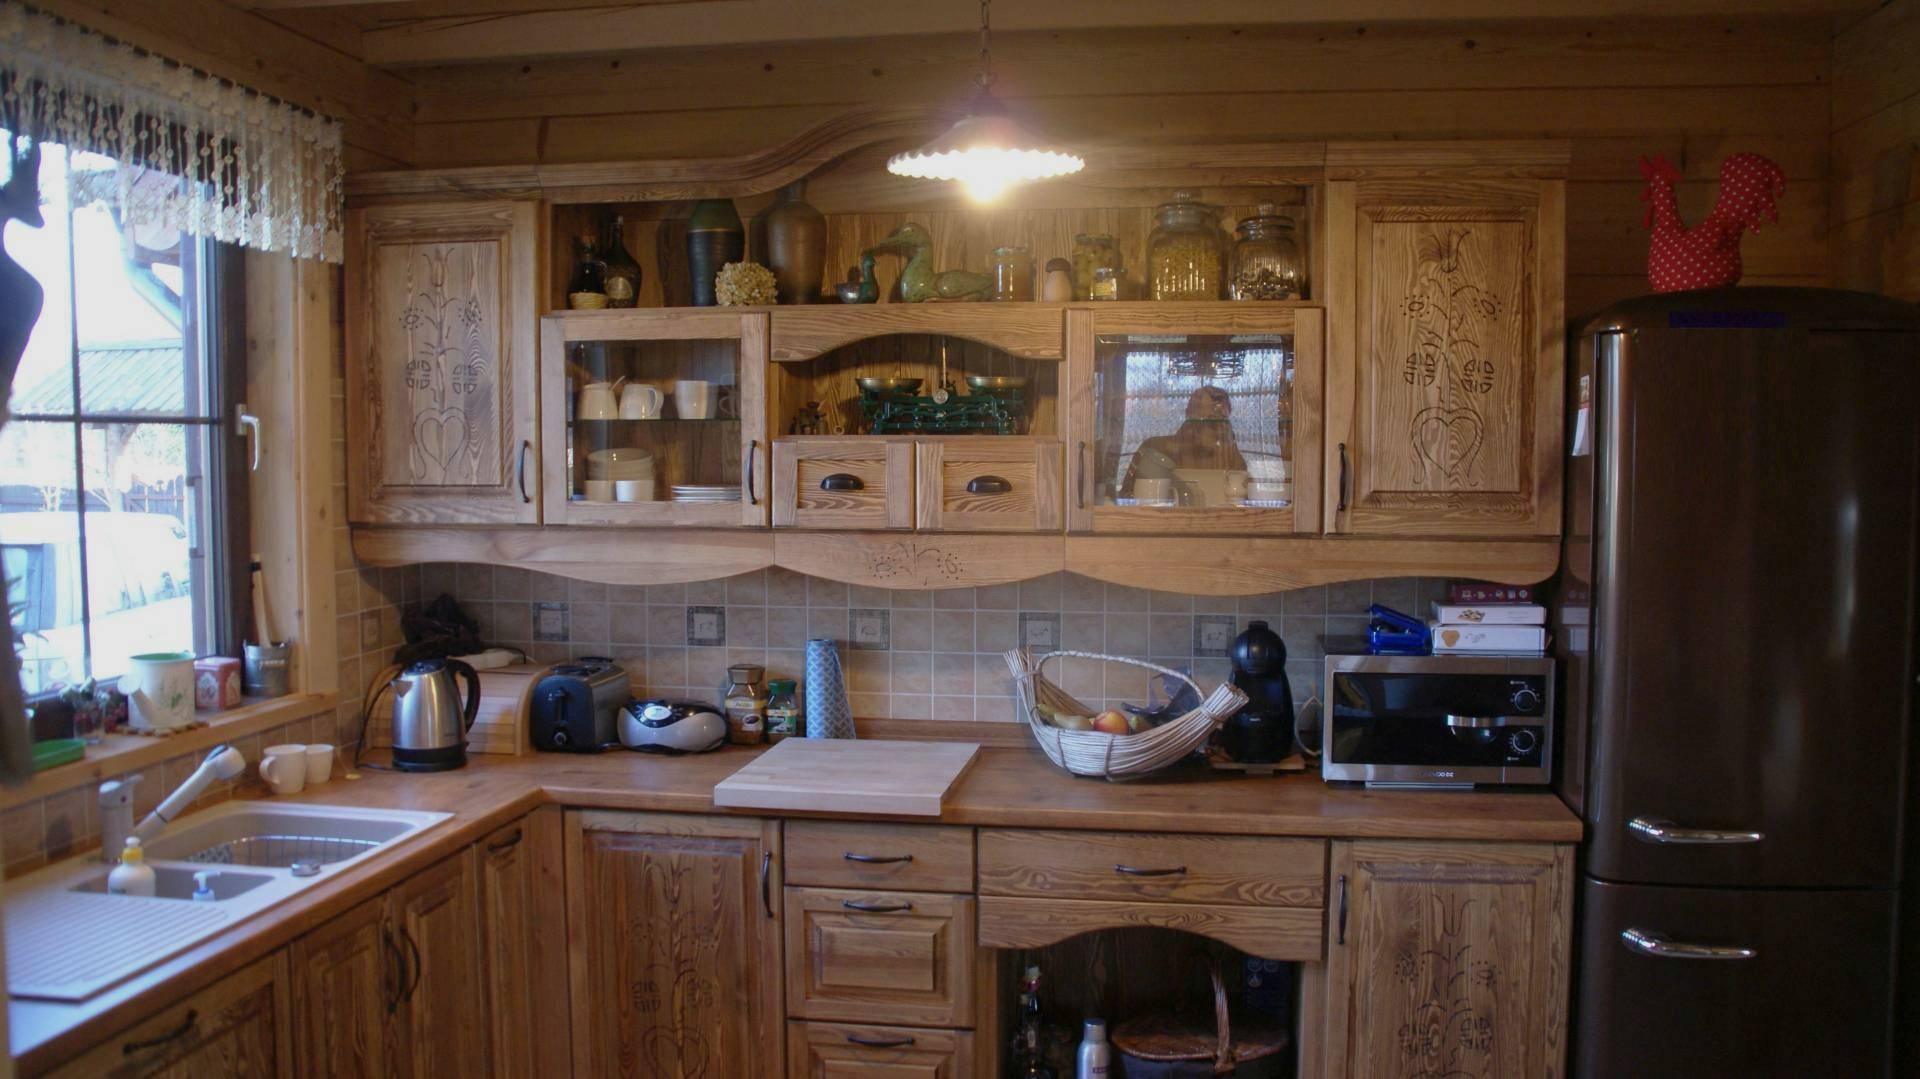 75 Trendy Kitchen Design Ideas  Pictures of Kitchen